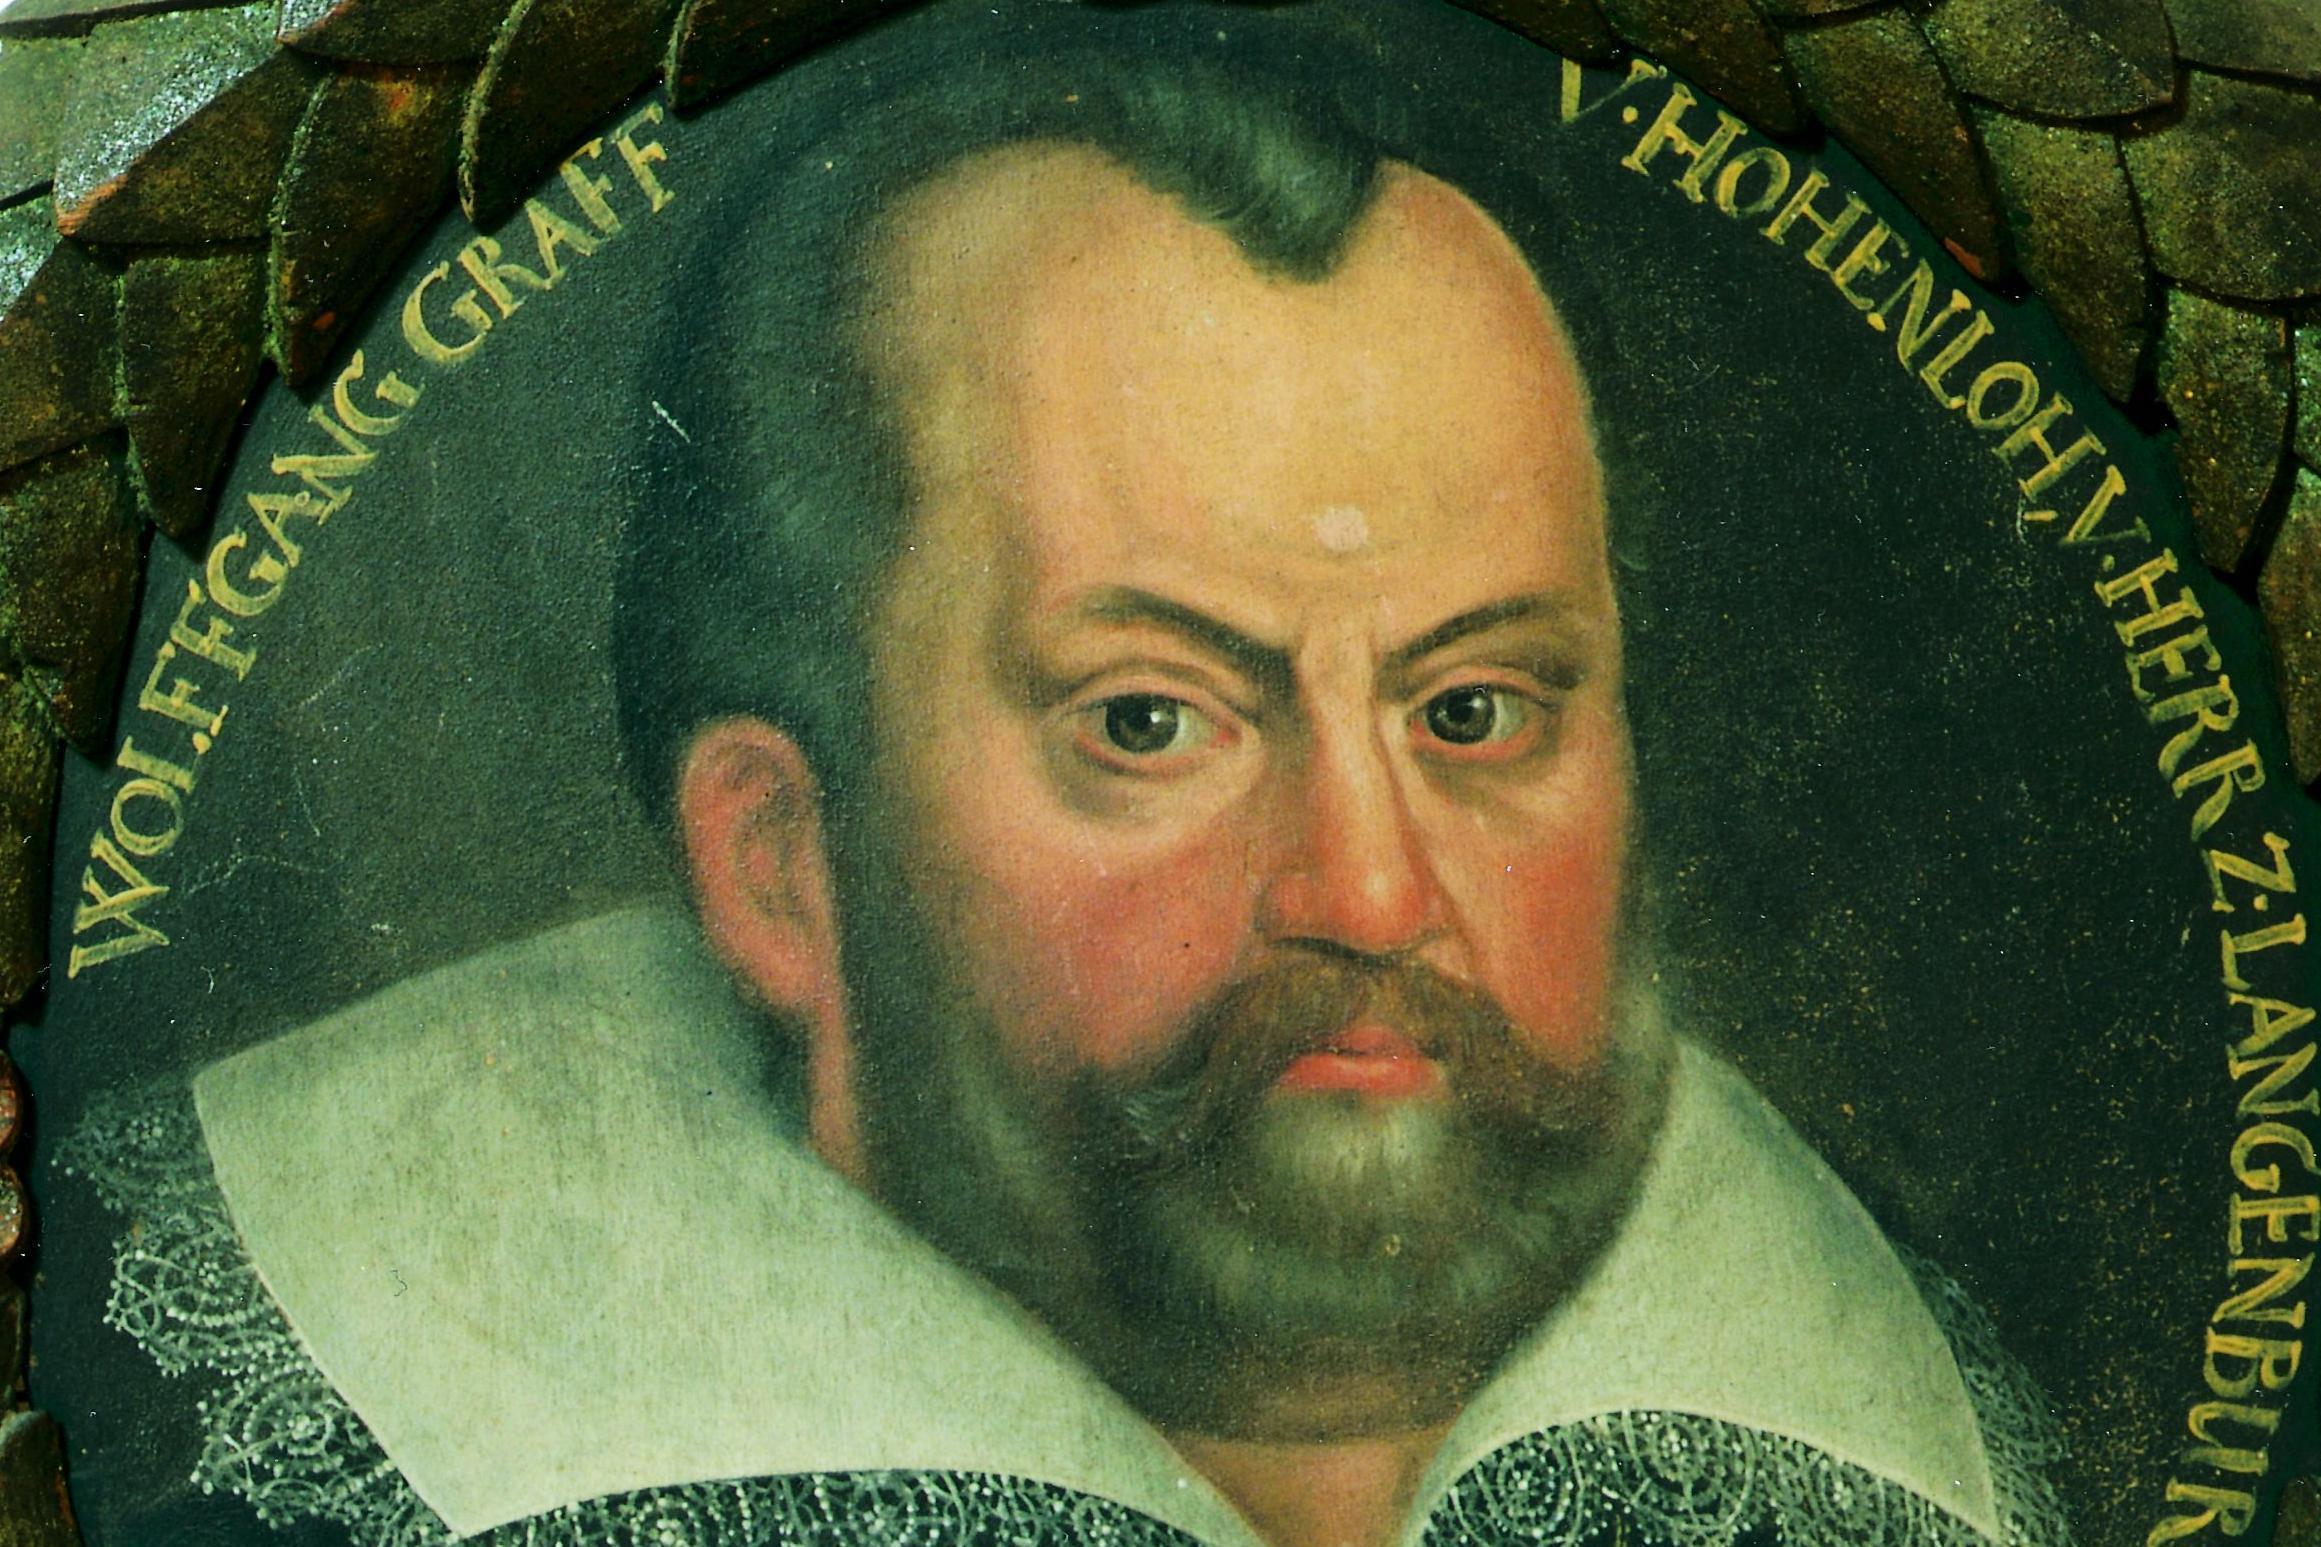 Portrait des Grafen Wolfgang von Hohenlohe